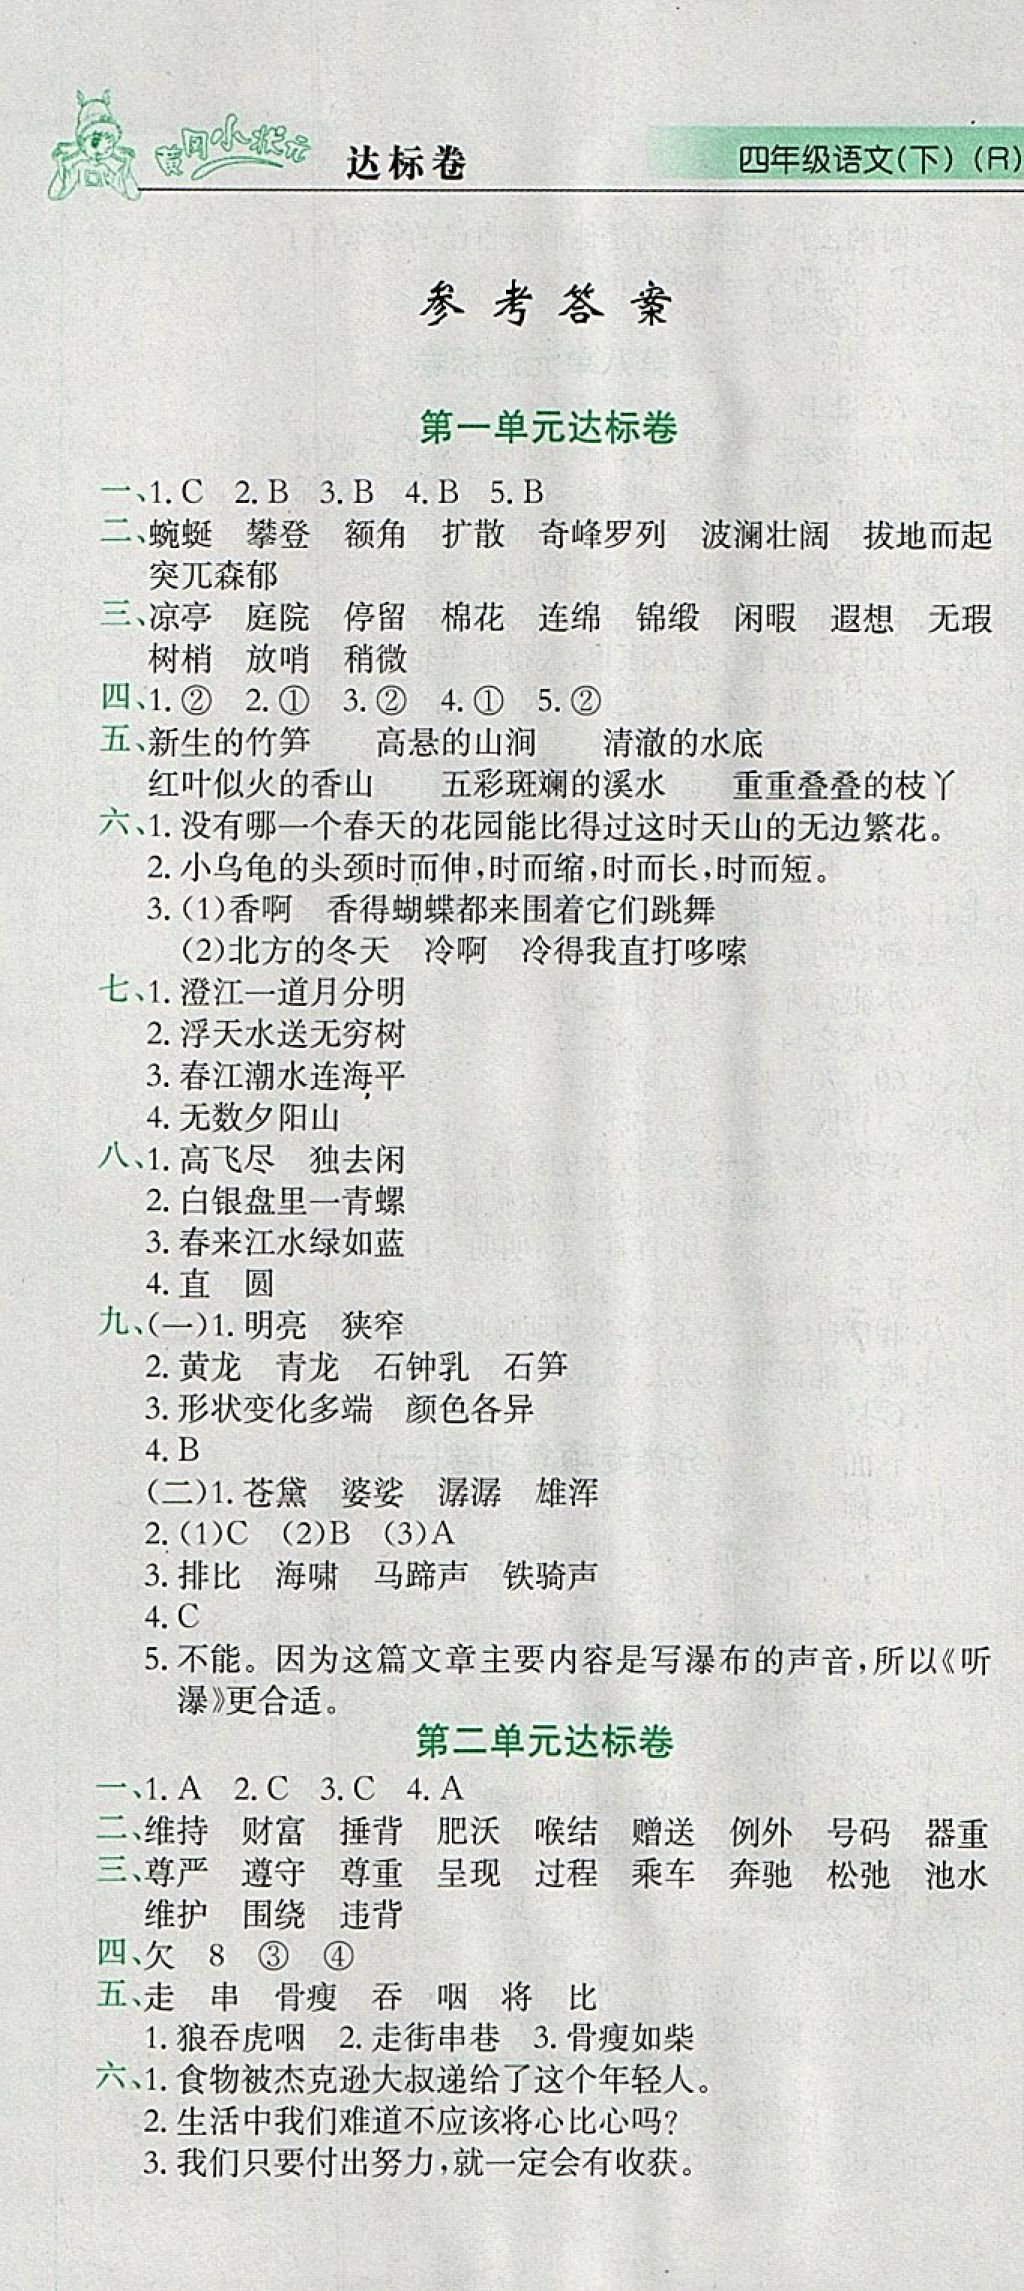 2018年黃岡小狀元達標卷四年級語文下冊人教版參考答案第1頁